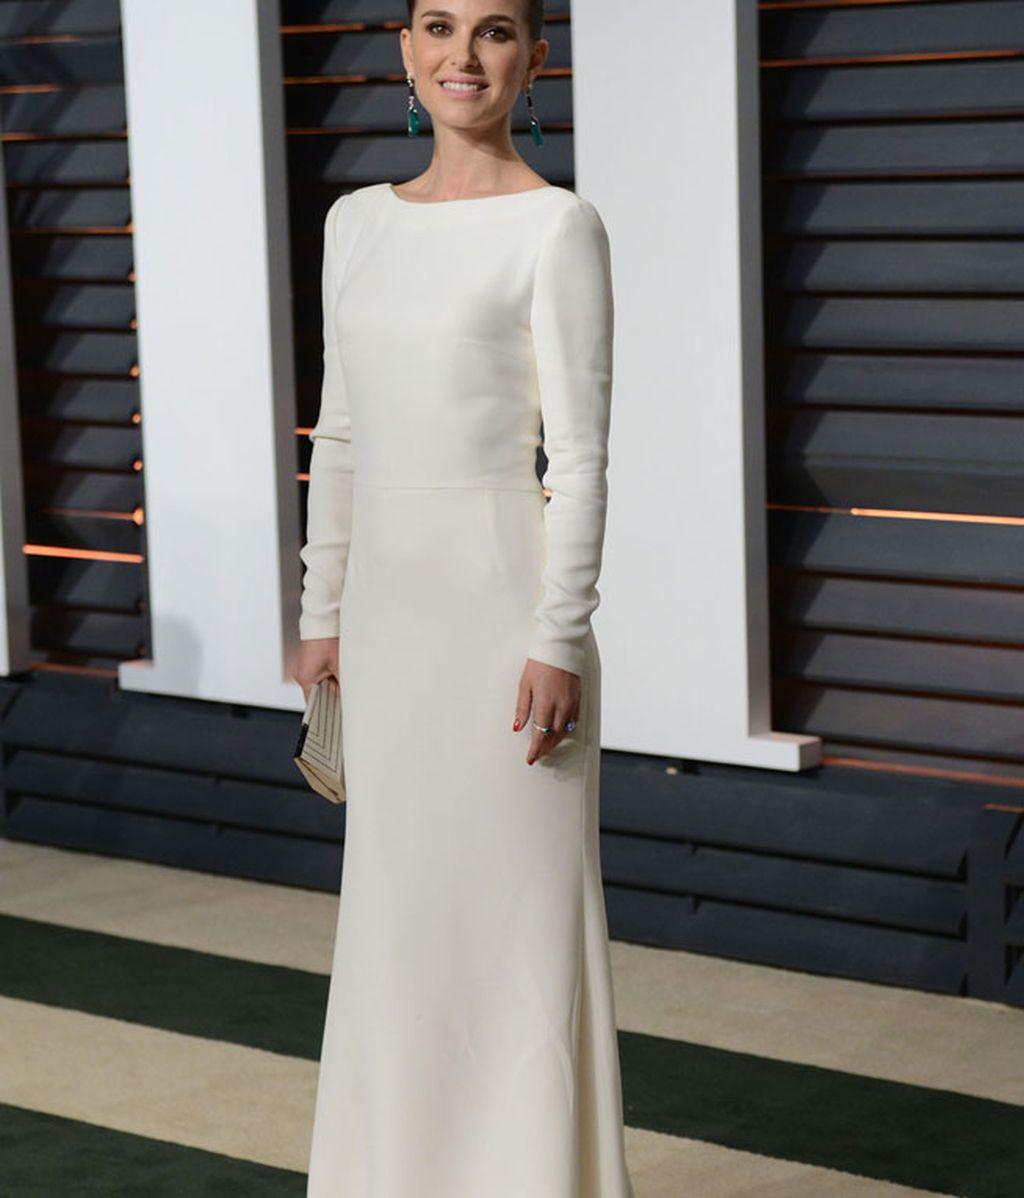 Natalie Portman eligió el color blanco para su vestido